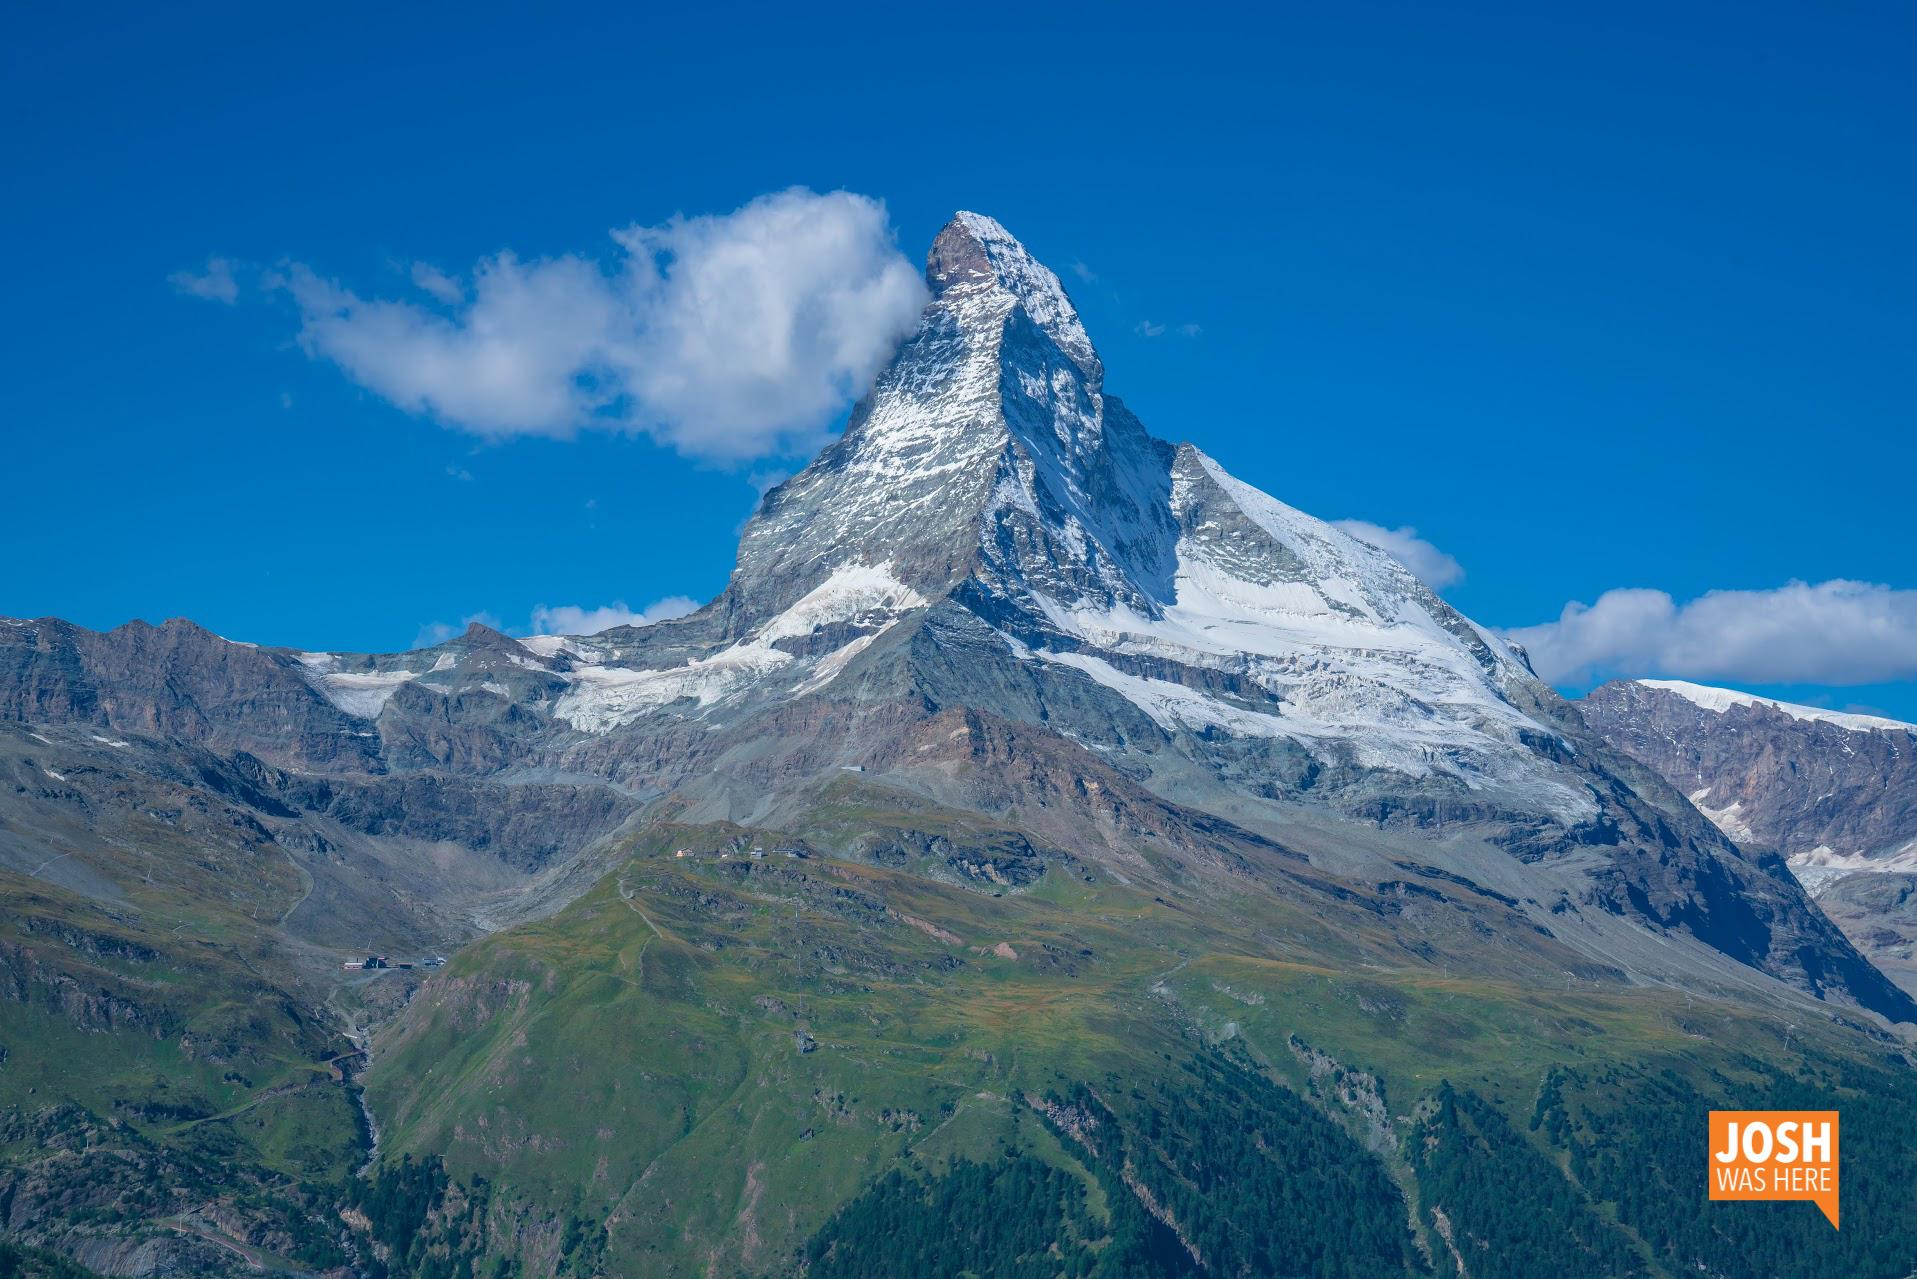 16SWITZERLAND Geneva, Bern, Lucern, Zurich, Grindewald, Zermatt August 2-19 2017 (1108).jpg